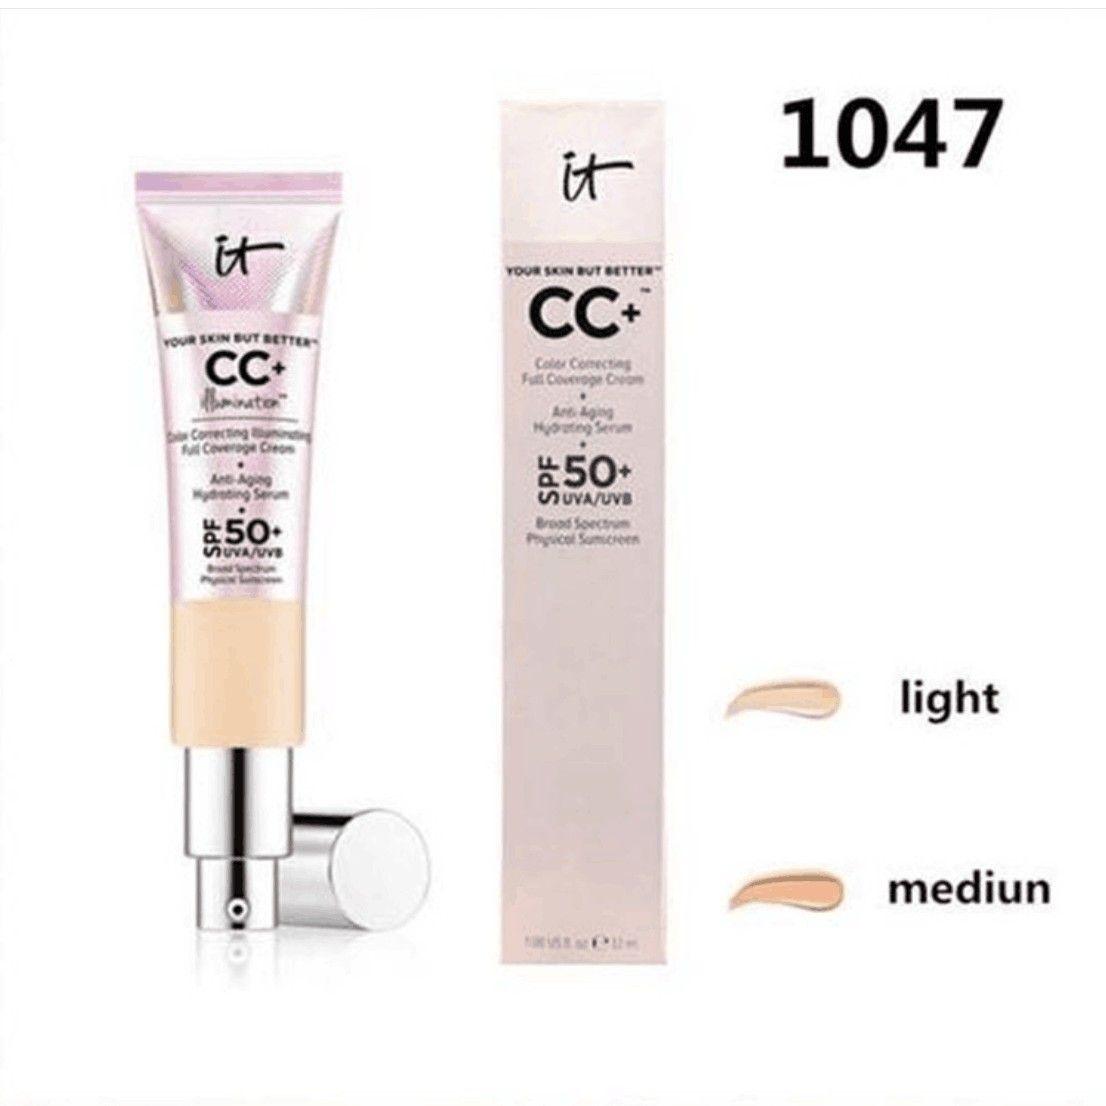 Новые горячие макияж It Косметика Ваша кожа, но лучше Light Medium 2 Цвет перламутровый Солнцезащитный 32 мл CC крем водонепроницаемый долговечные BB